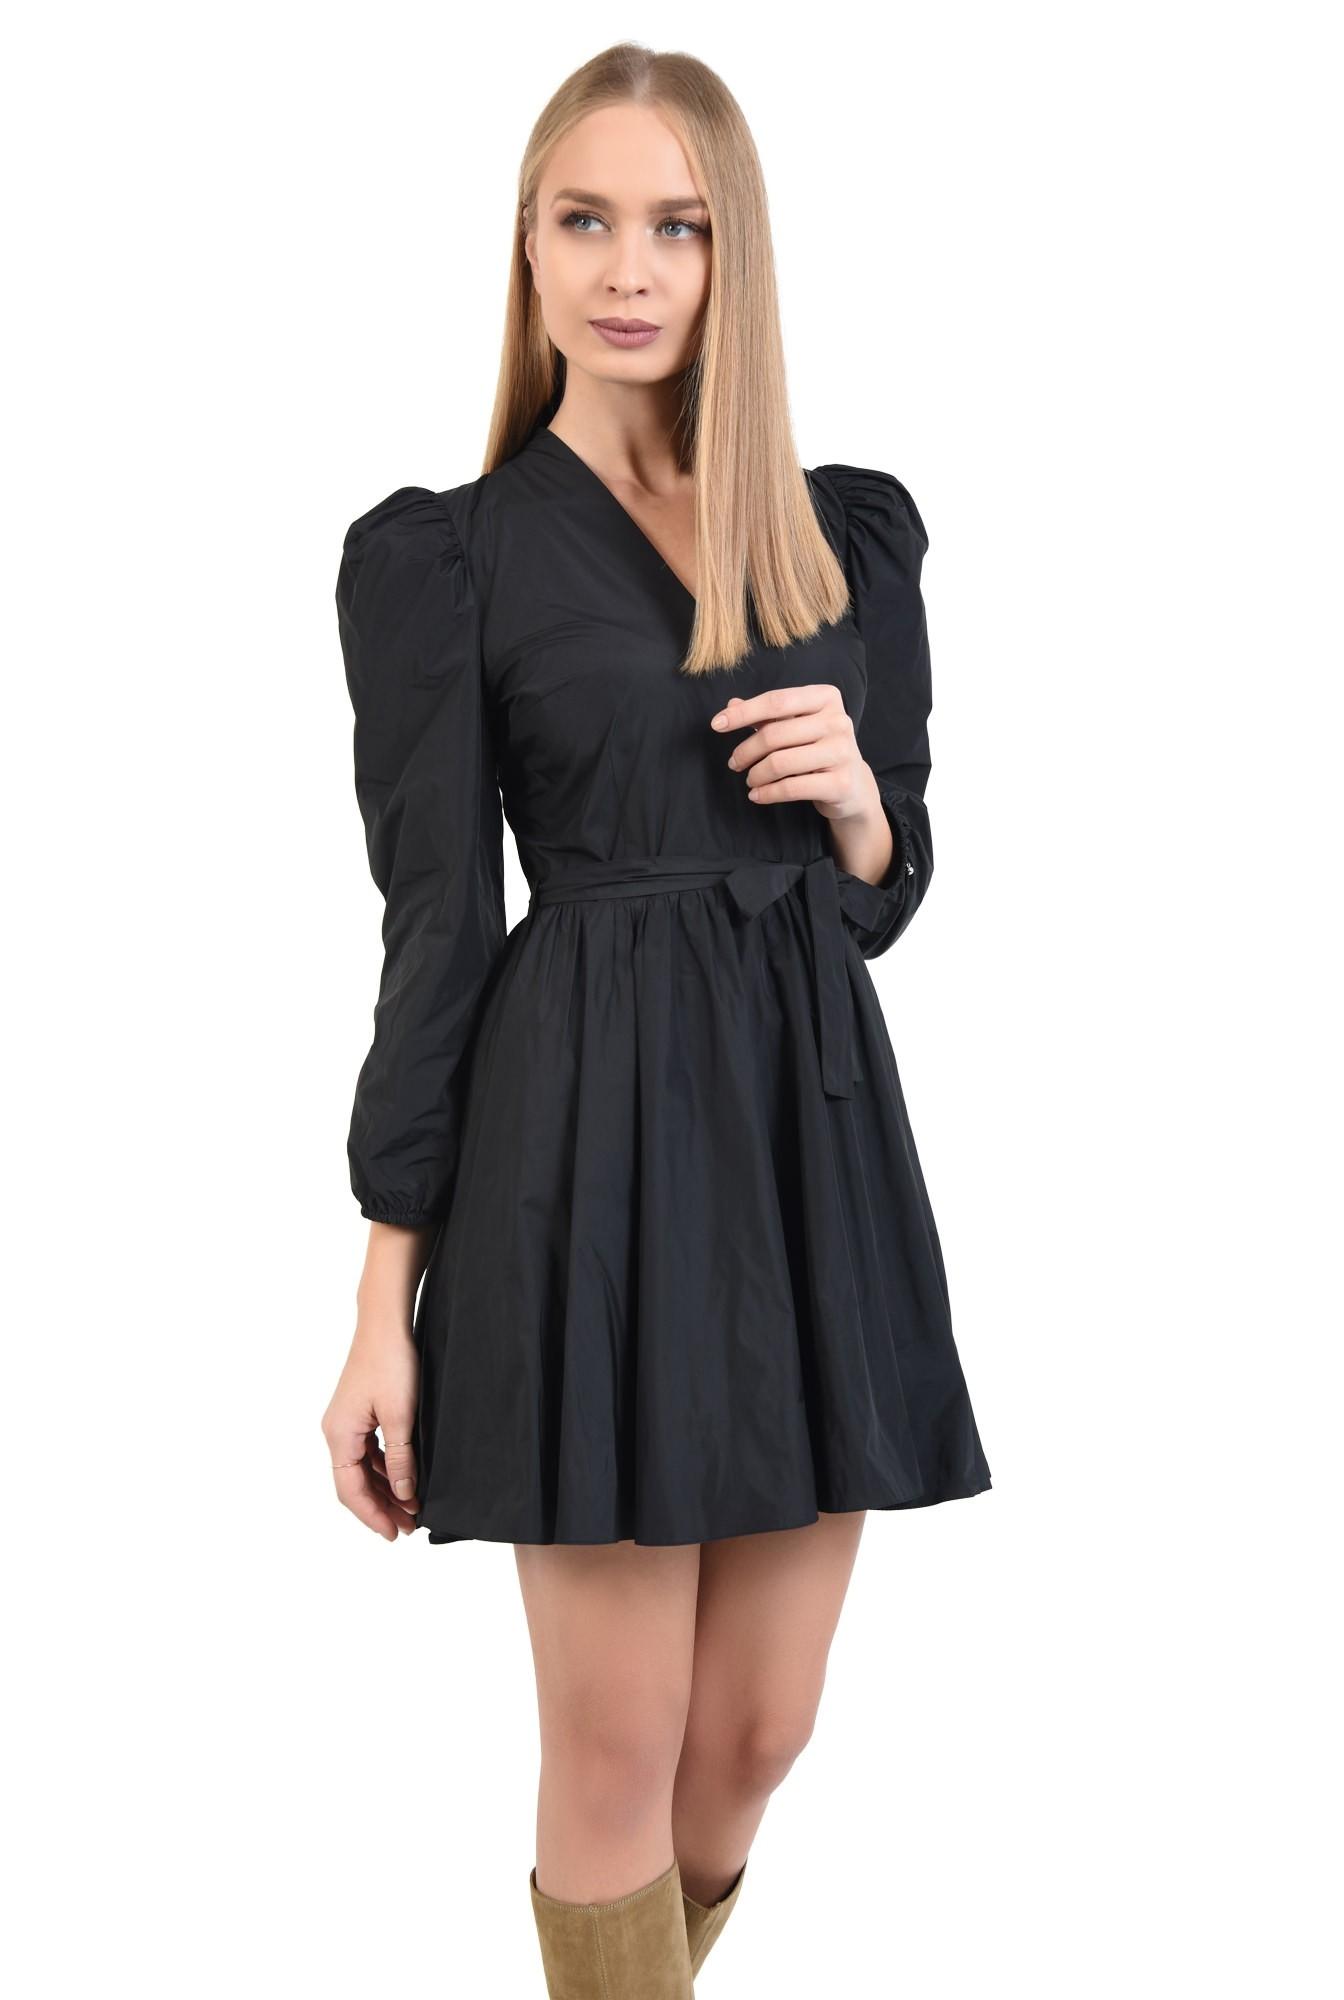 0 - rochie casual, neagra, scurta, maneci lungi bufante, funda la talie